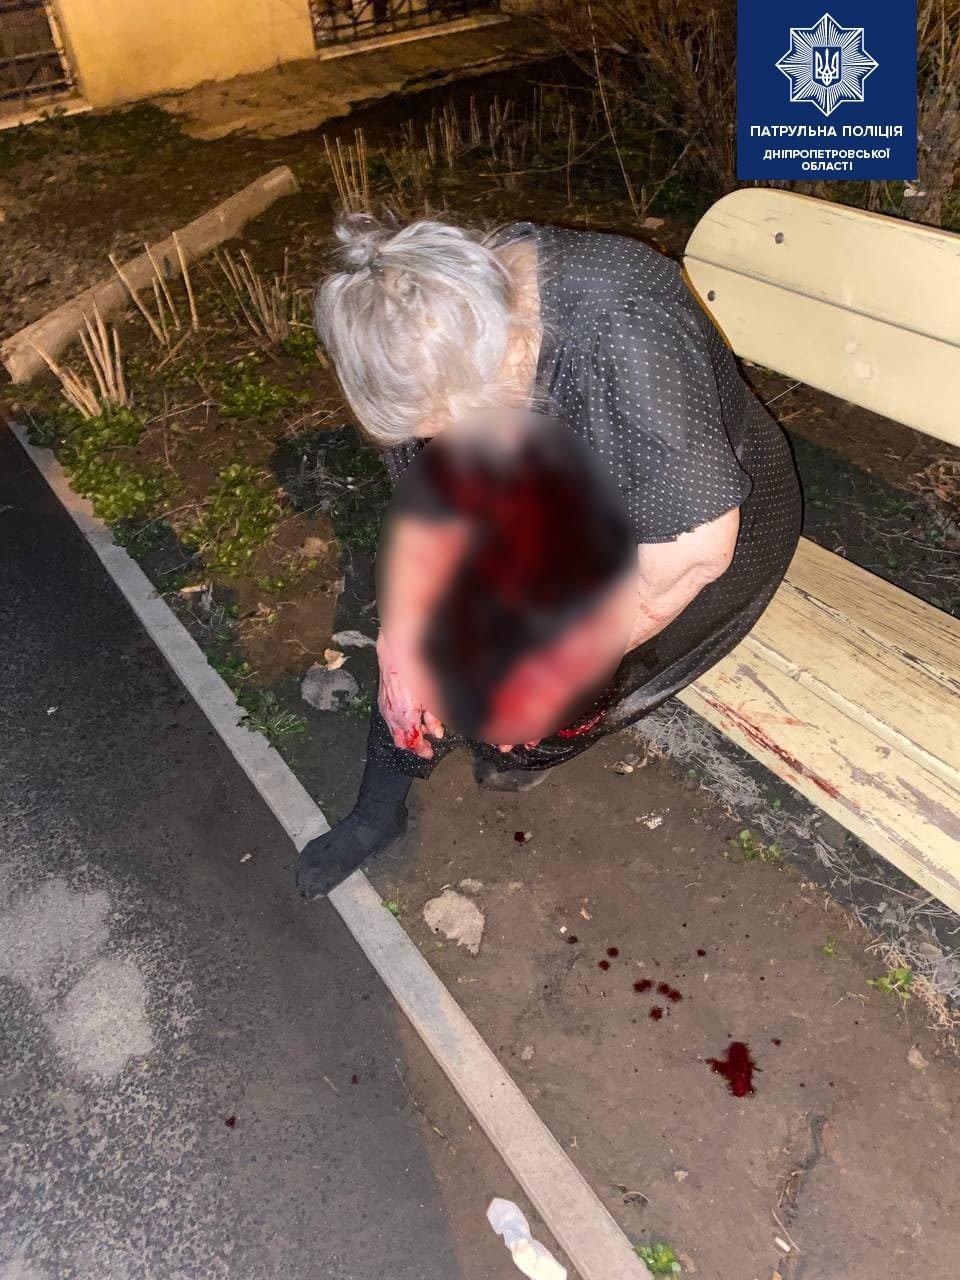 В Днепре на Поля окровавленная женщина сидела на лавочке: ее избил сын, - ФОТО, фото-1